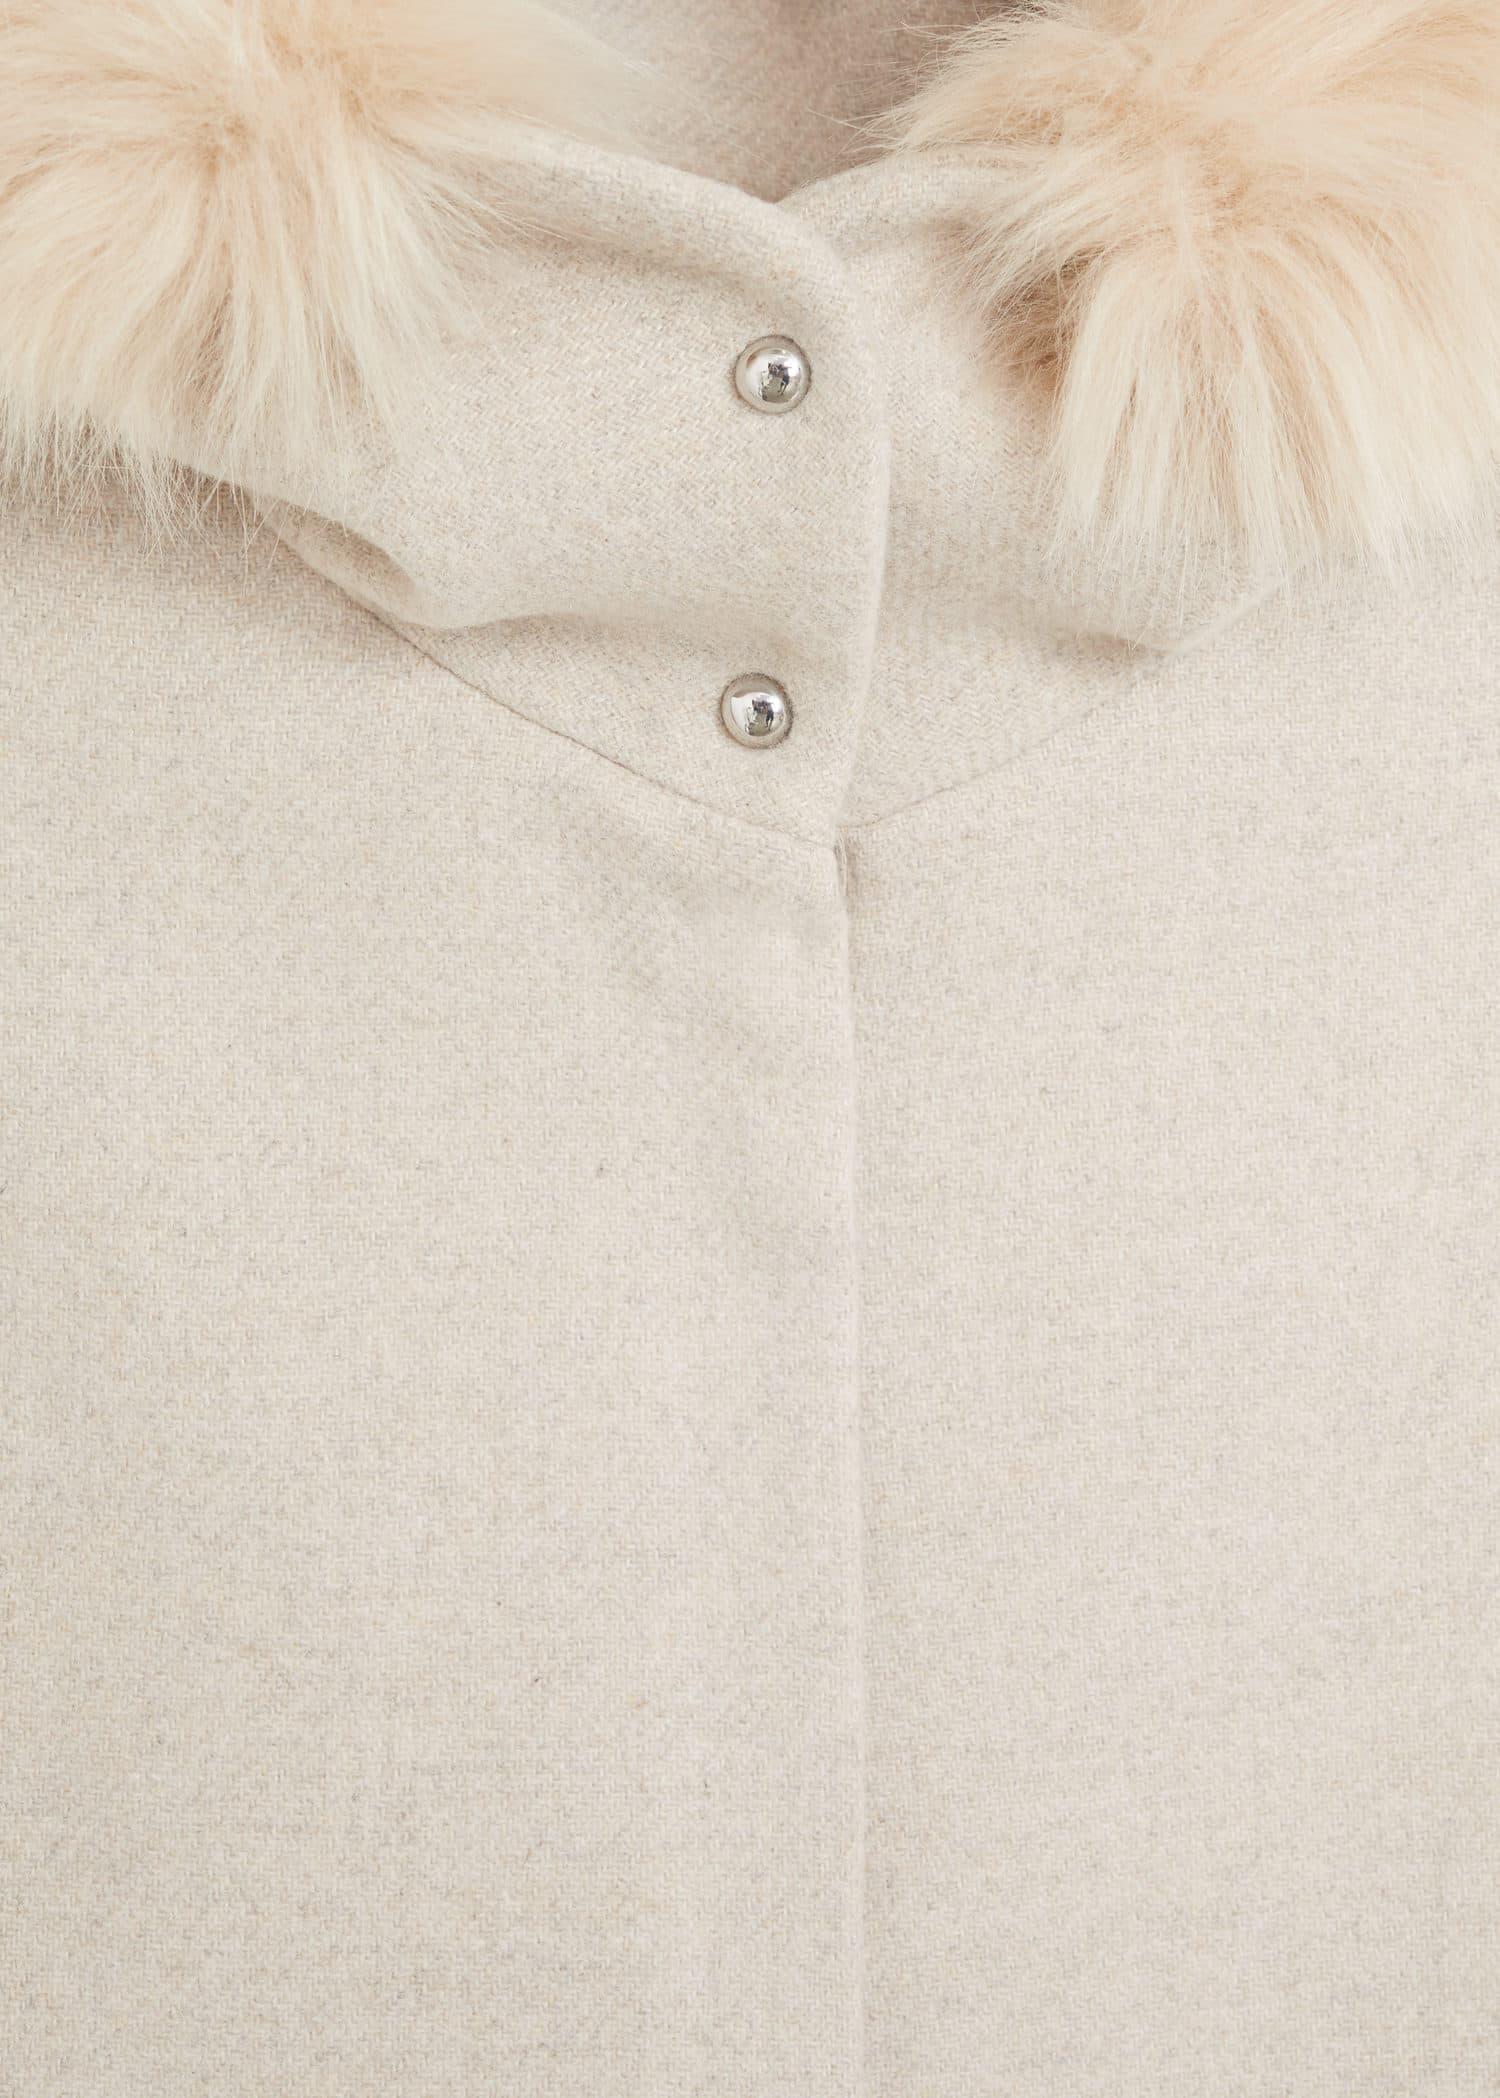 Mantel mit fellkapuze Damen | Mango Österreich